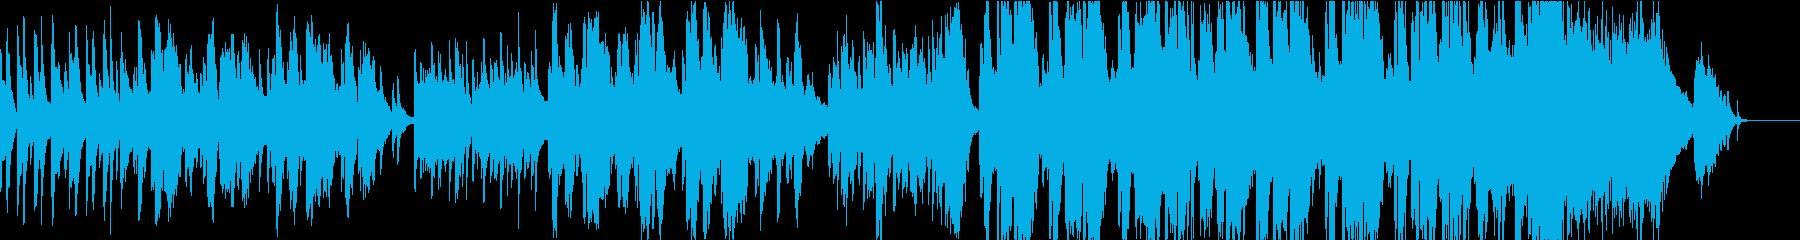 春止歌:ハープと弦の透明感・感動的・和風の再生済みの波形